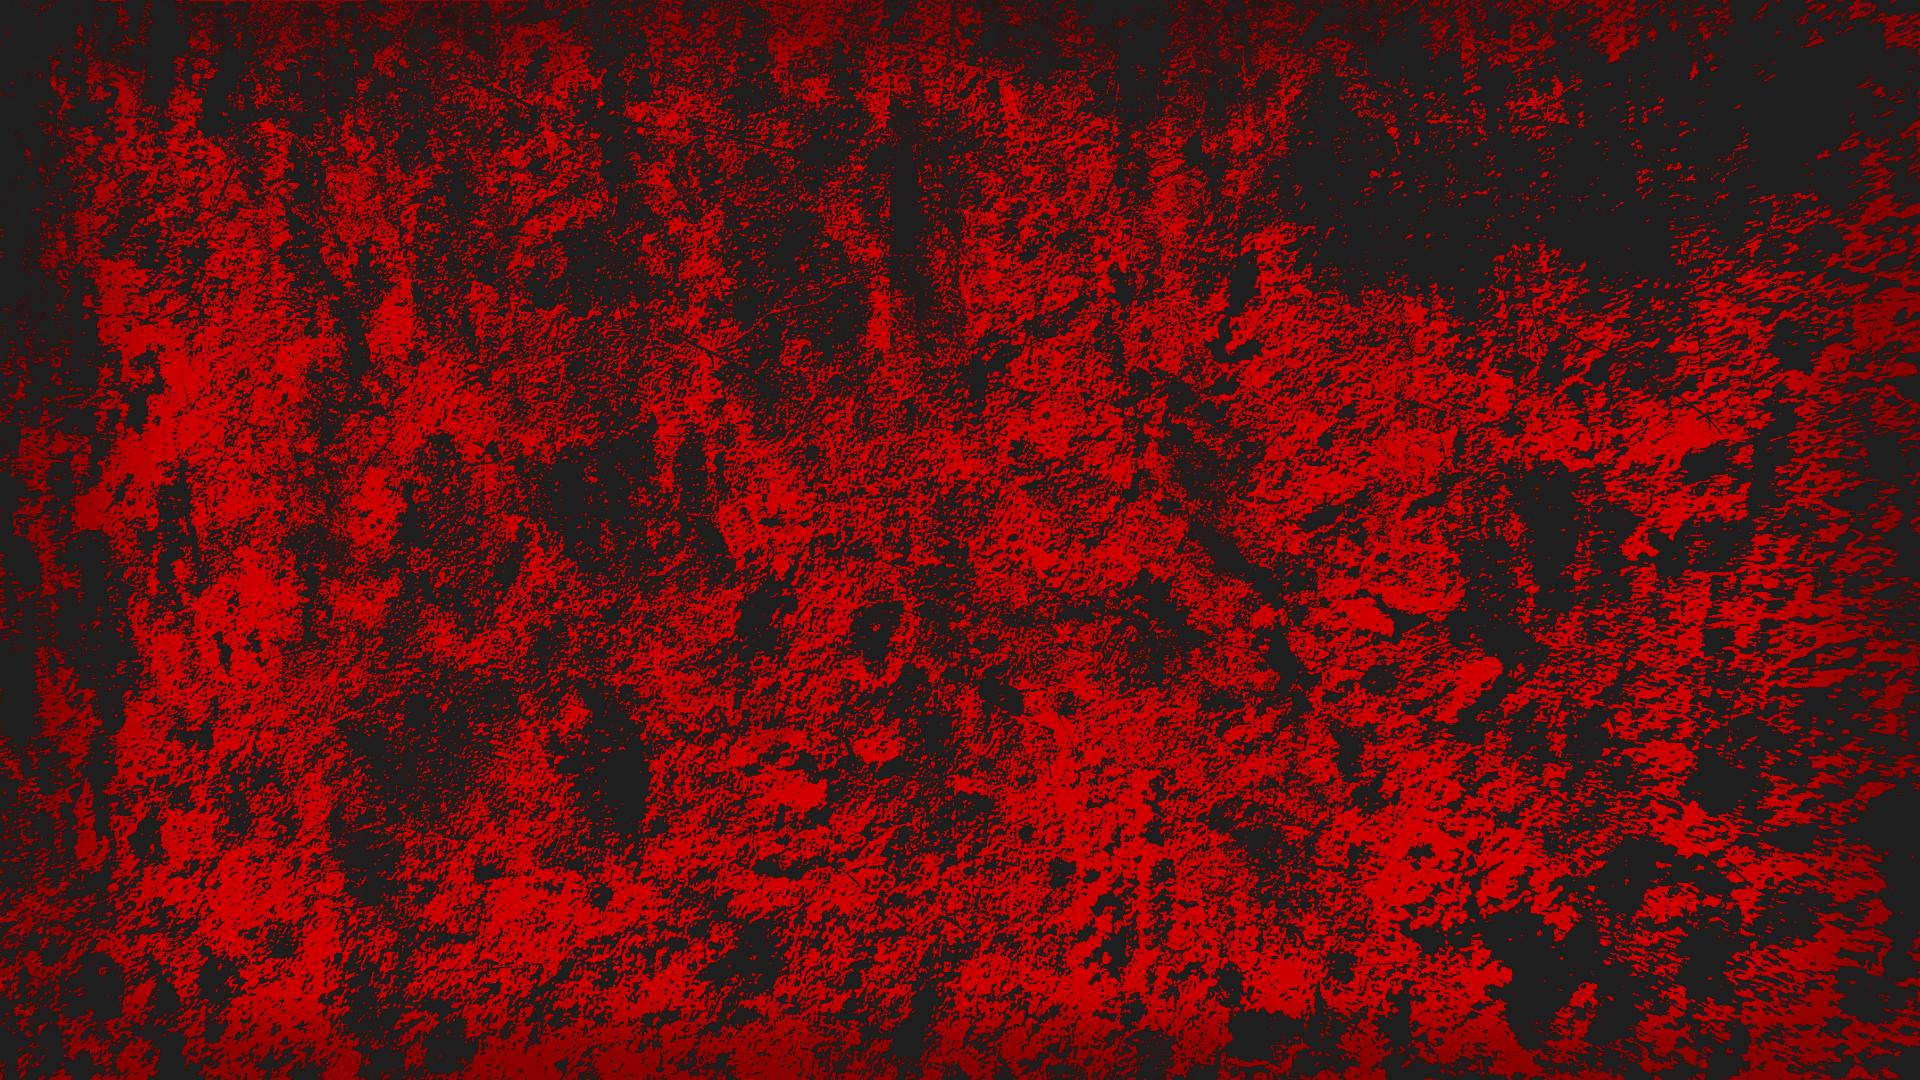 texture backgrounds hd wallpaper texture backgrounds hd wallpaper